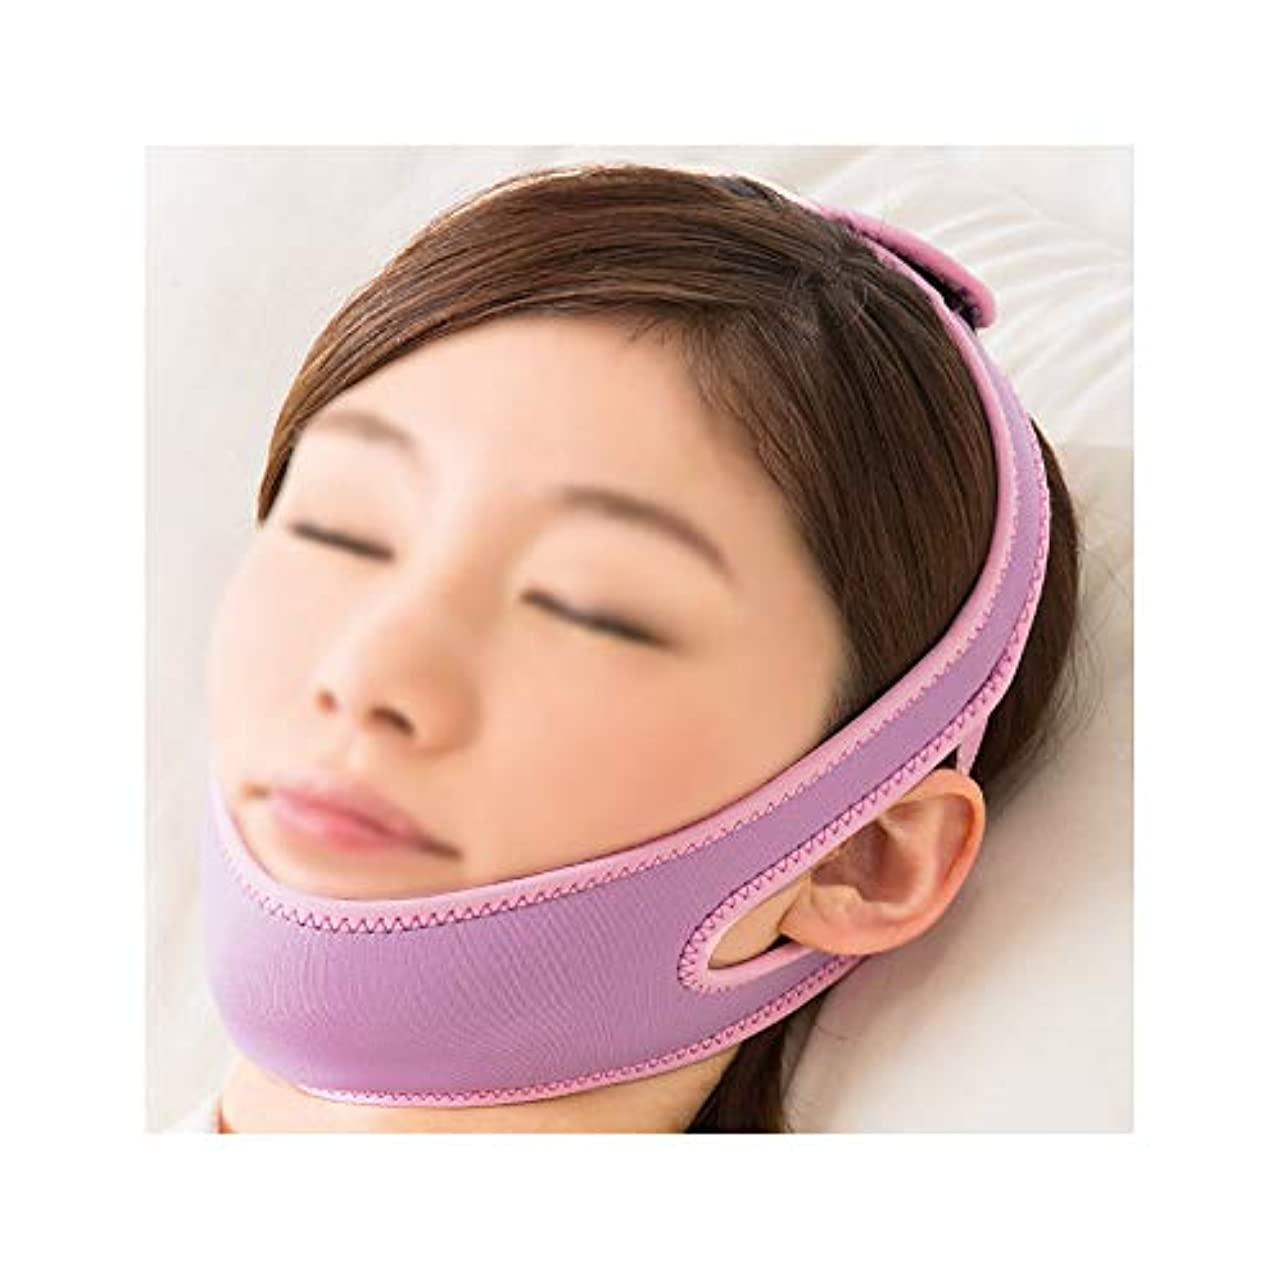 番号ルーム時系列フェイシャルマスク、フェイスリフティングアーティファクトフェイスマスク垂れ下がり面付きVフェイス包帯通気性スリーピングフェイスダブルチンチンセット睡眠弾性スリミングベルト